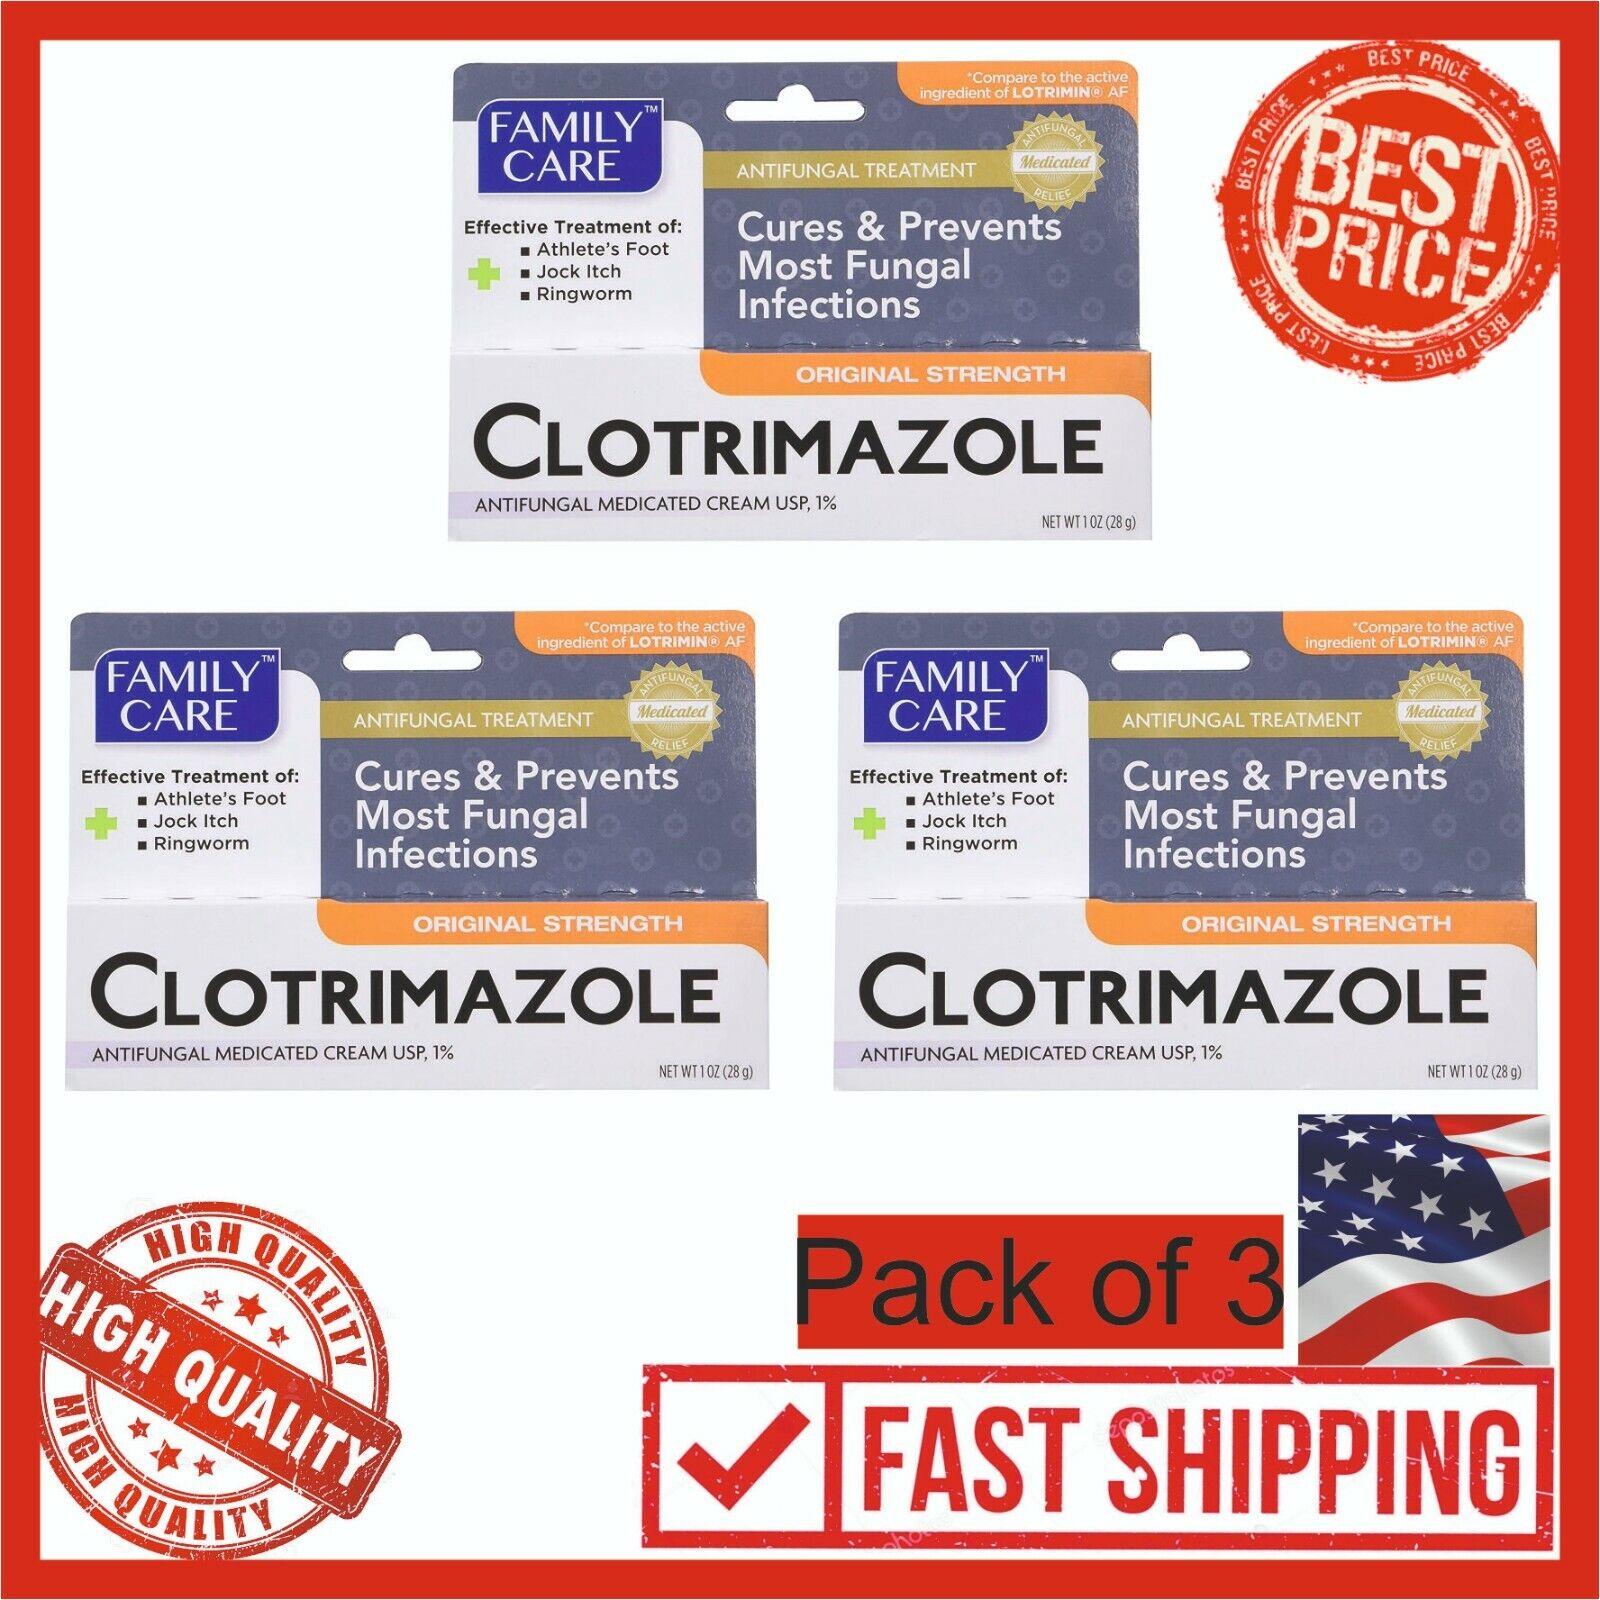 Family Care Clotrimazole Anti Fungal Cream, 1% USP Compare t